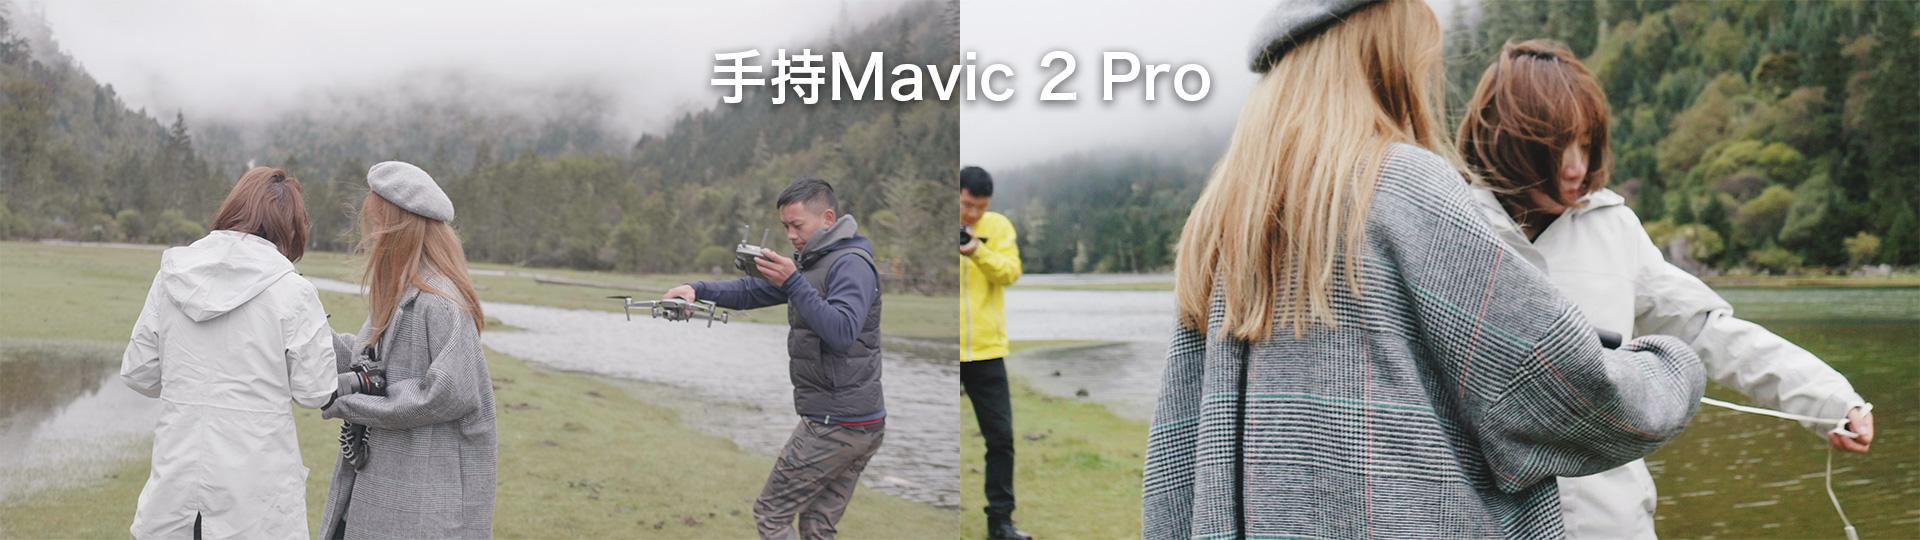 photo took by mavic 2 pro